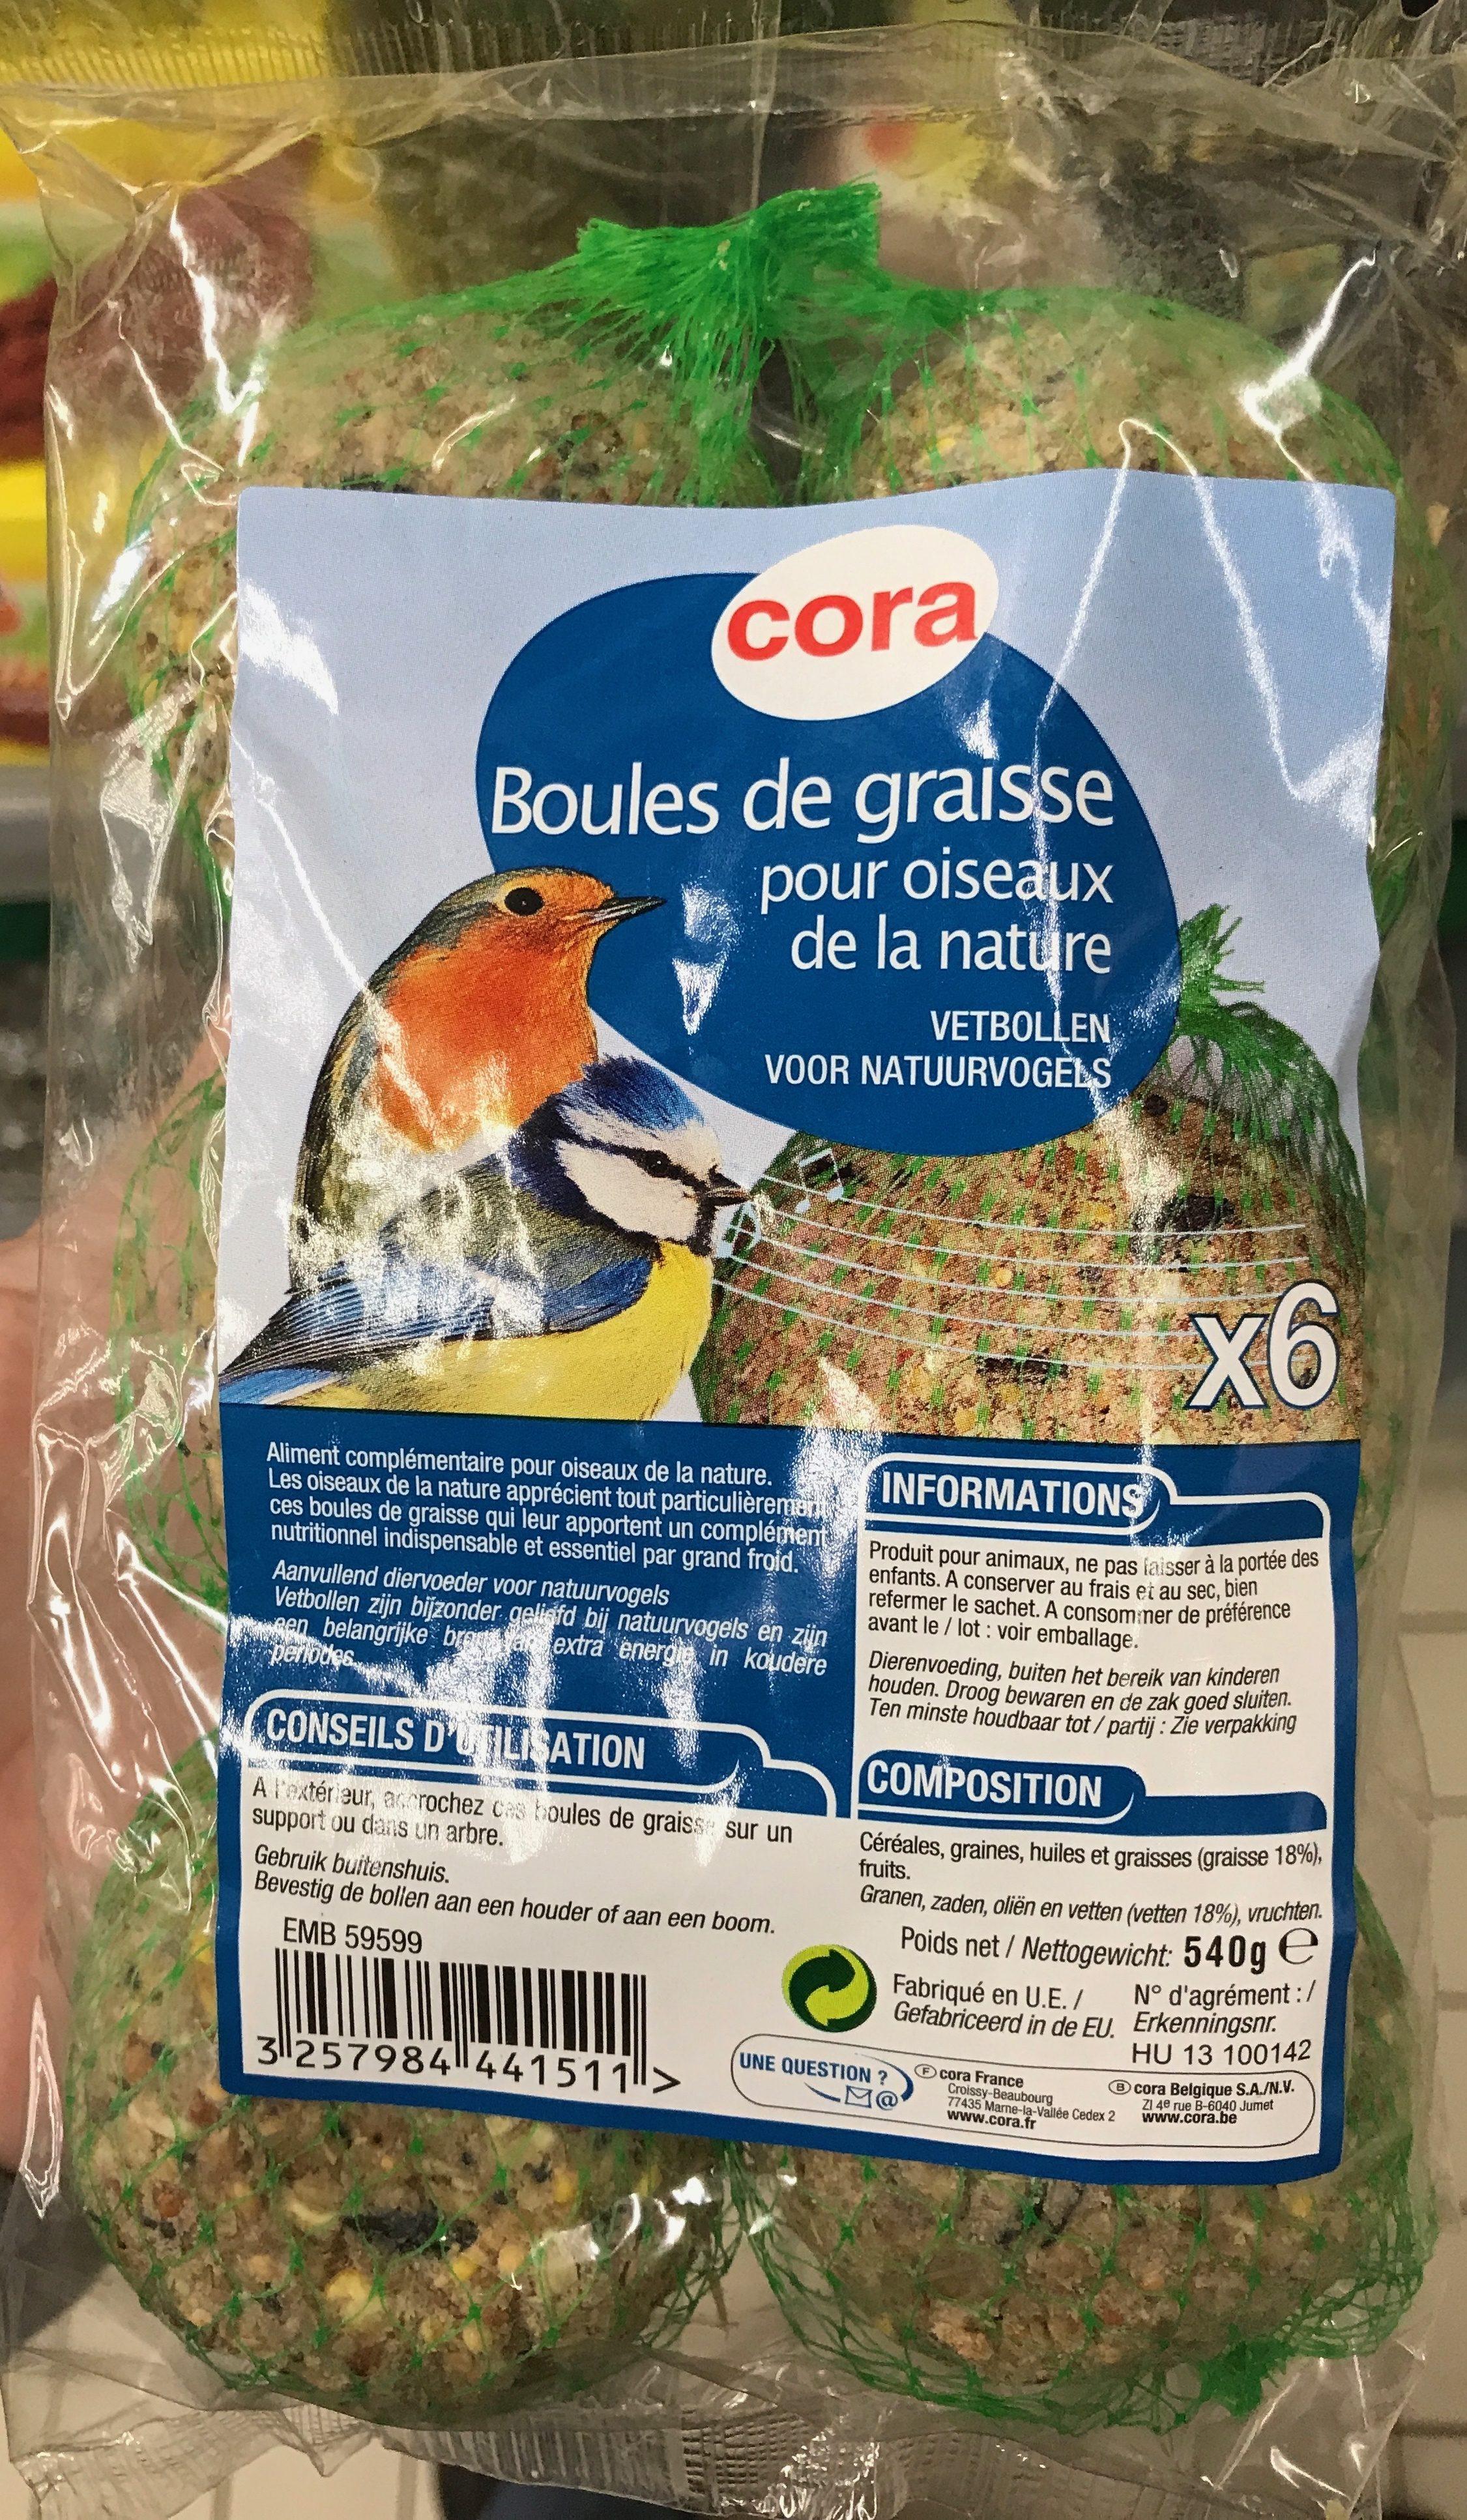 Boules de graisse pour oiseaux de la nature - Product